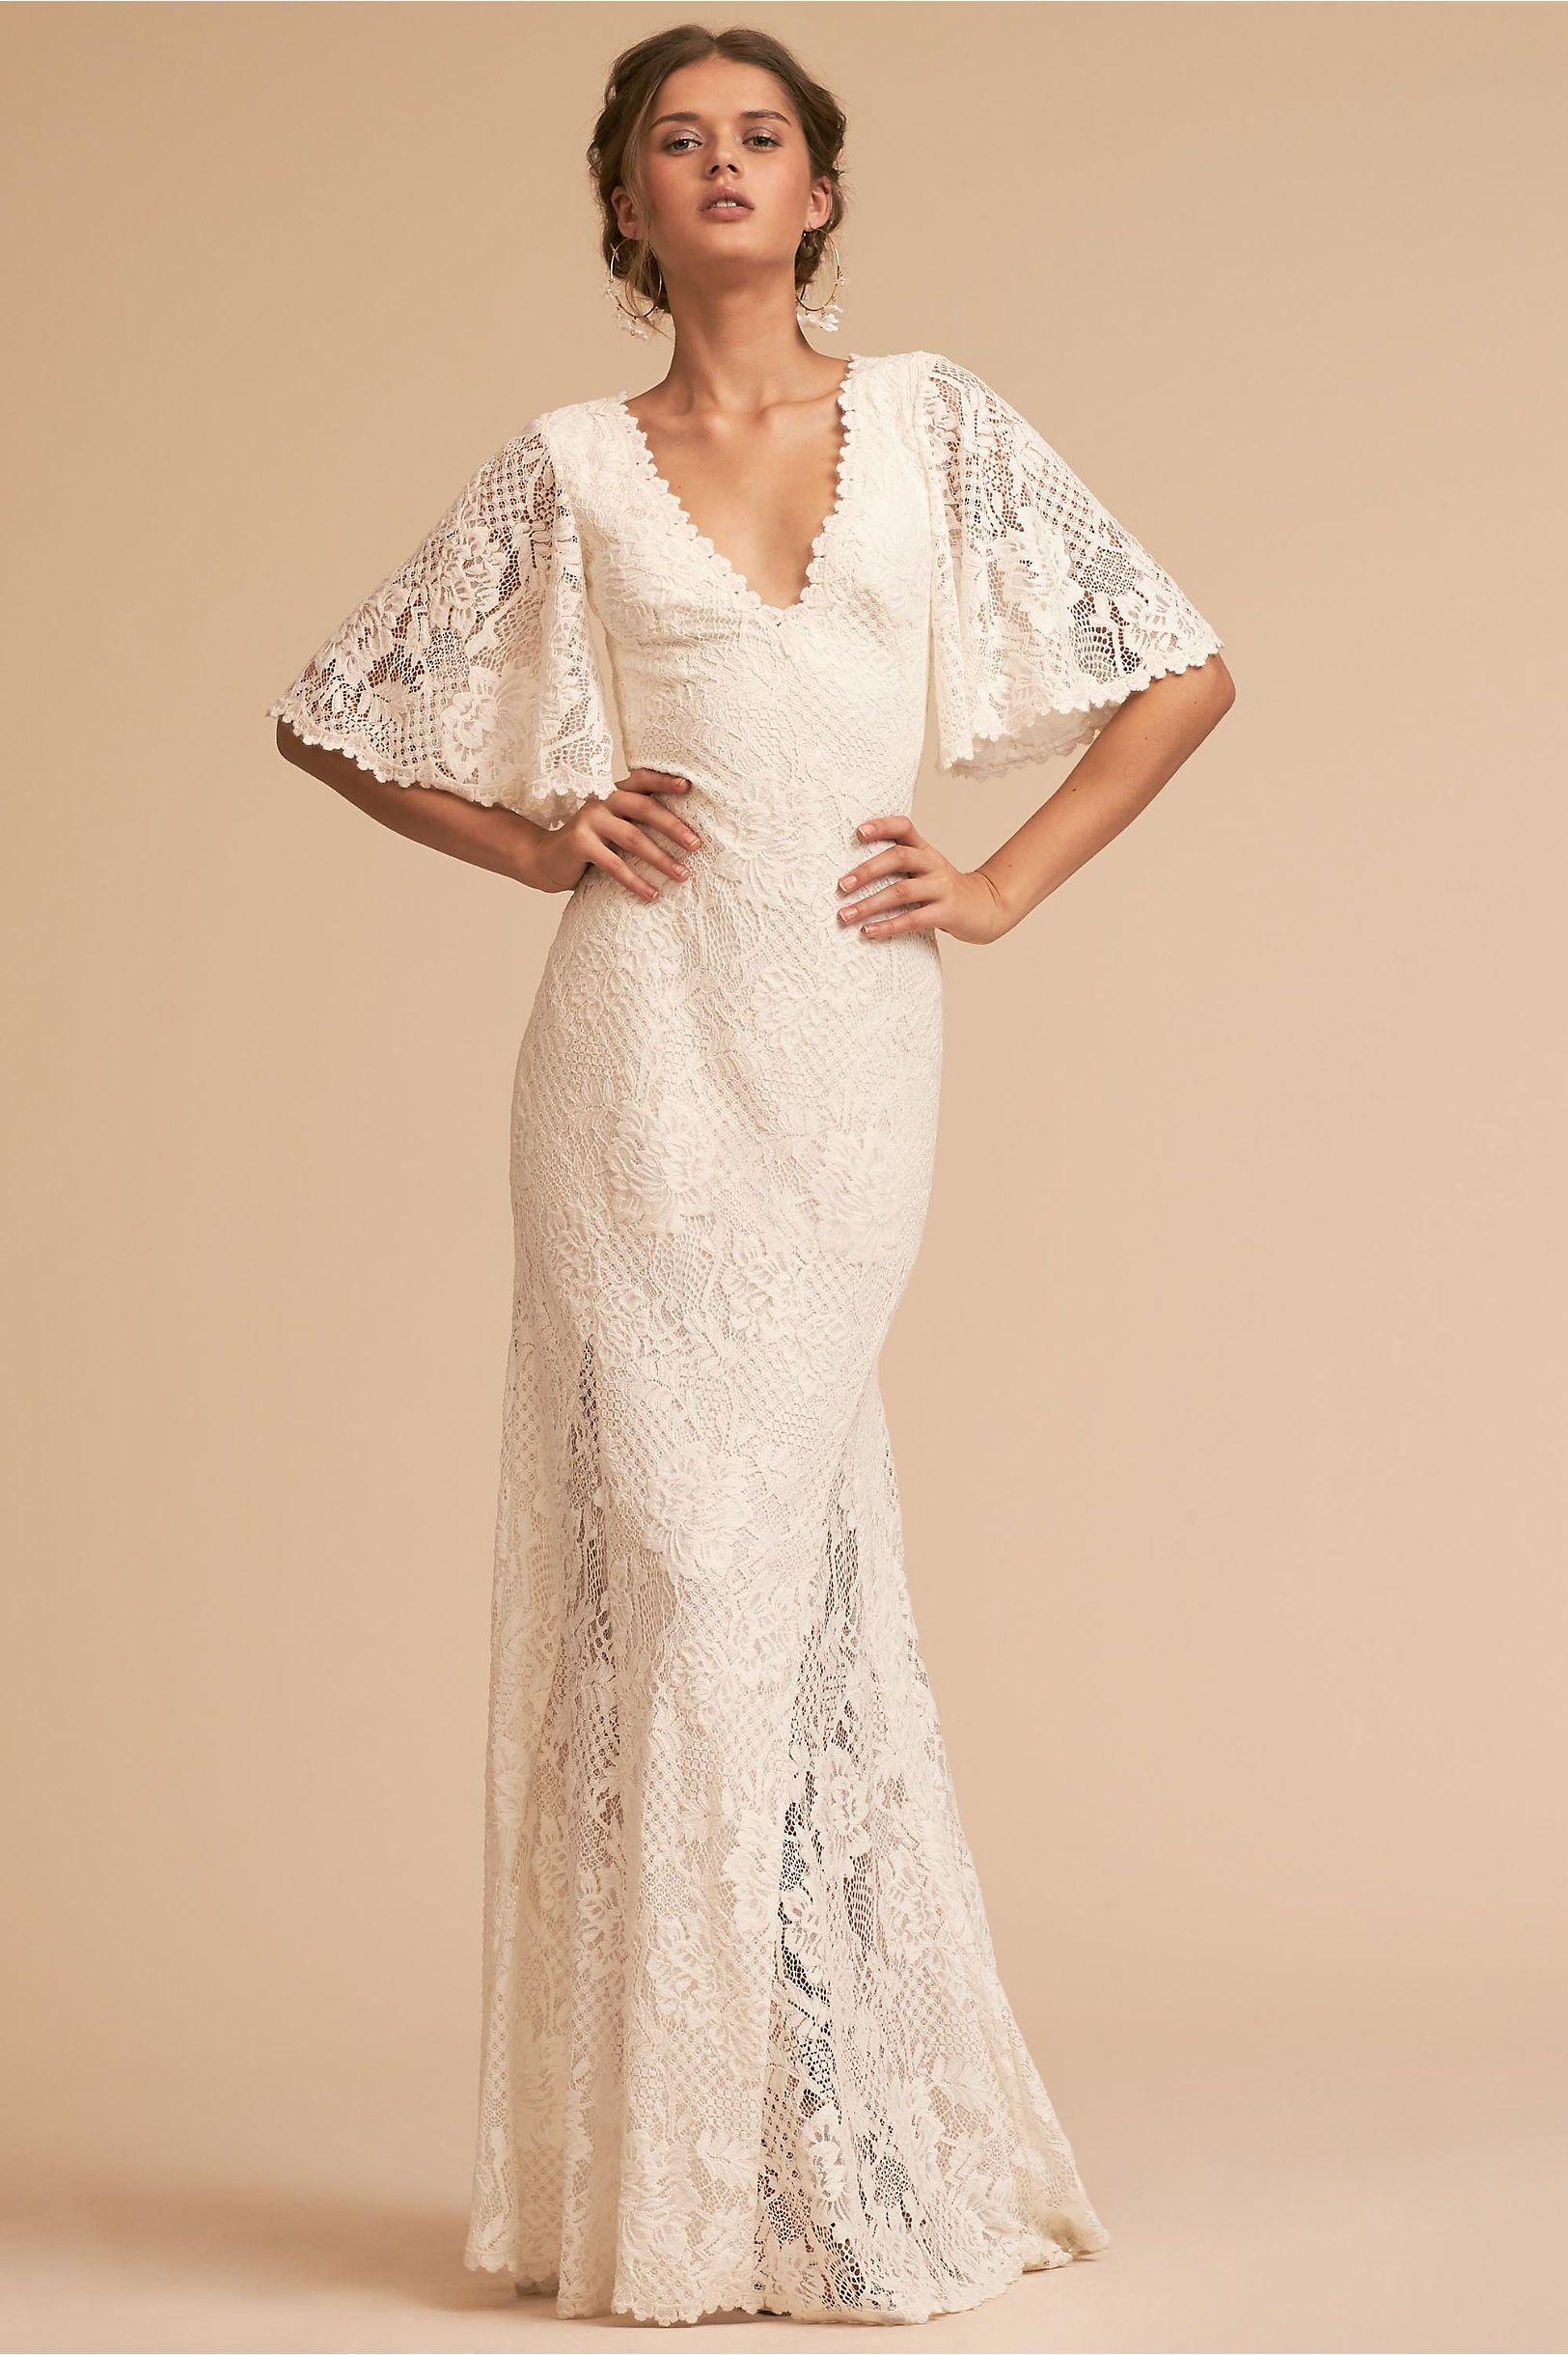 c58a71e50cd9 BHLDN's Tadashi Shoji Kieran Gown in Ivory | Products | Wedding ...